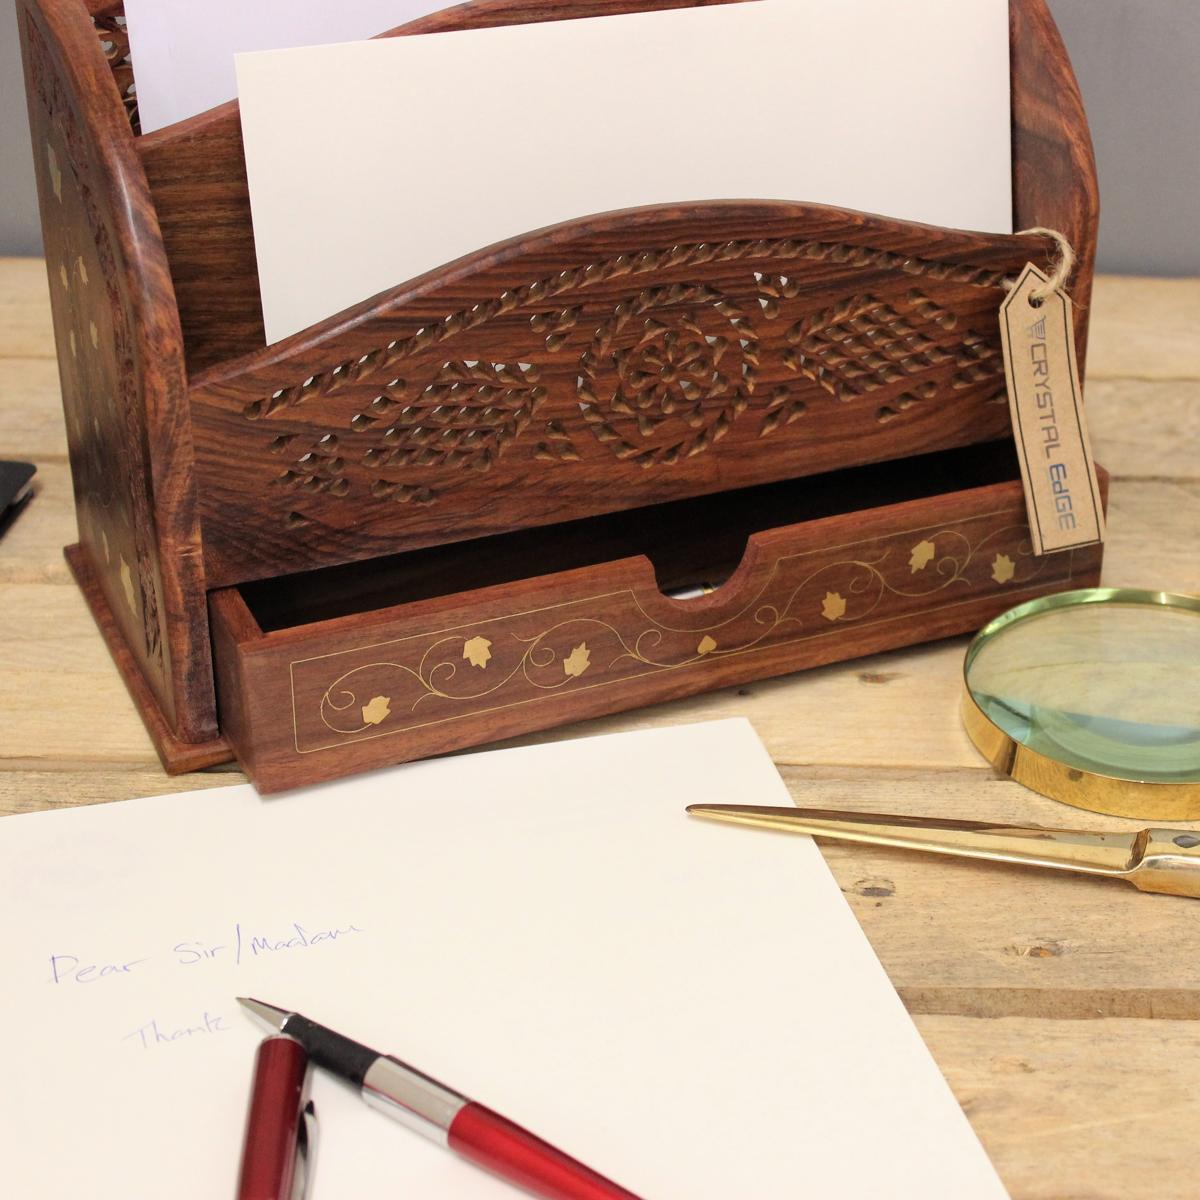 Regal Für Briefe : Kaveri box für briefe regal mit messing inlay sheasham